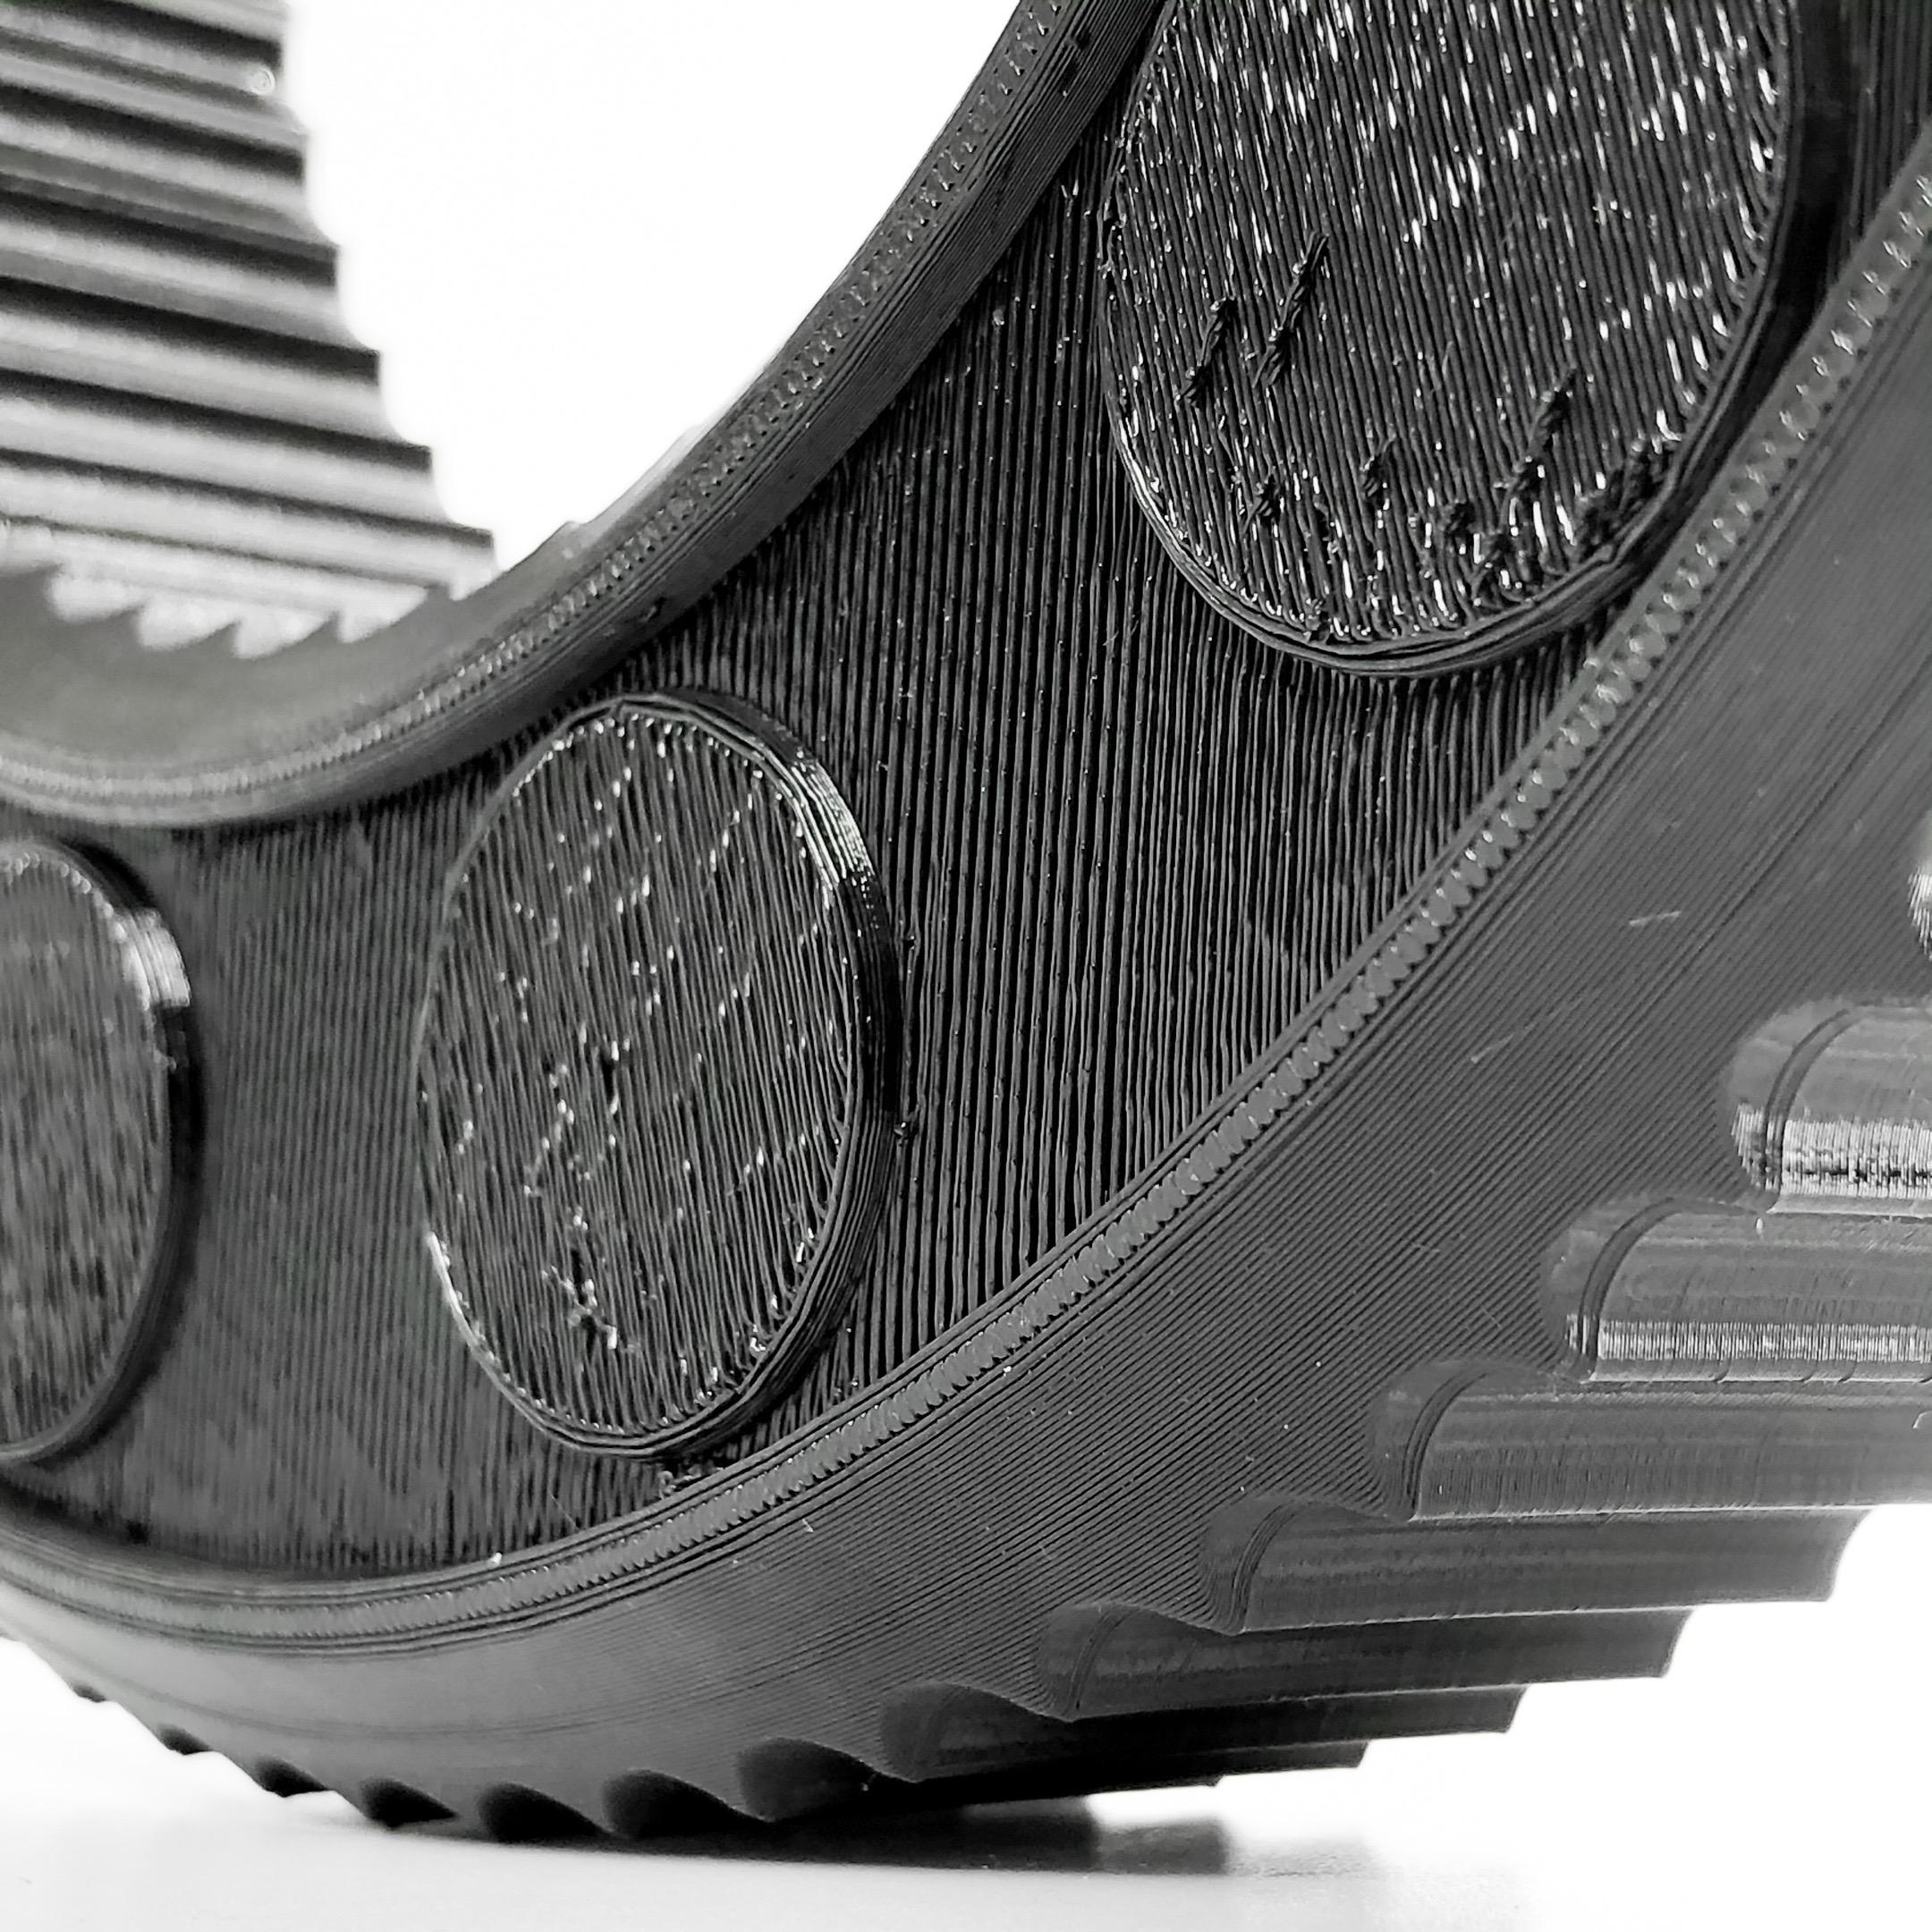 Makelab - 3D Printing Services -  Materials - Plastics